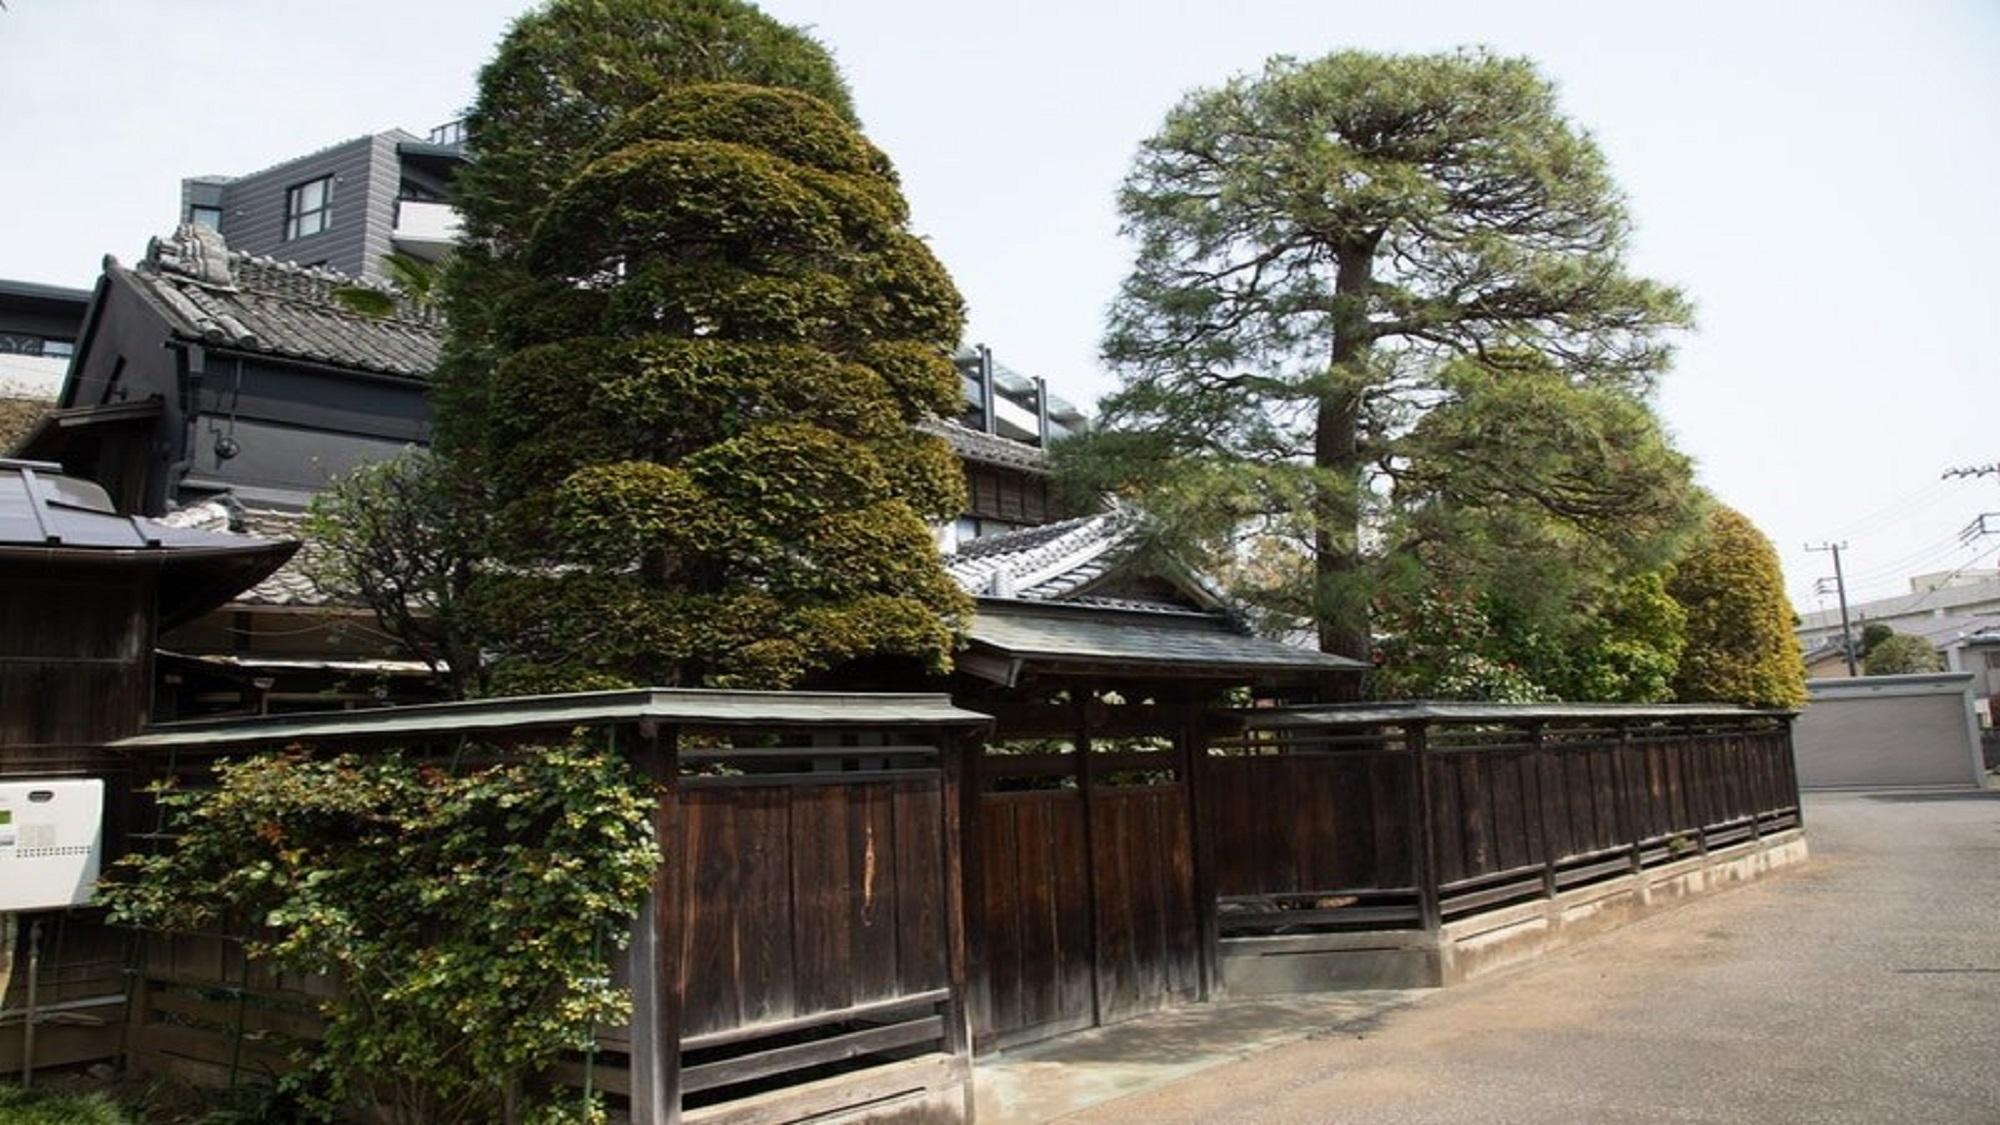 丹徳庭園 川越の旧家を 贅沢に庭ごと一棟貸しで/民泊【Vacation STAY提供】